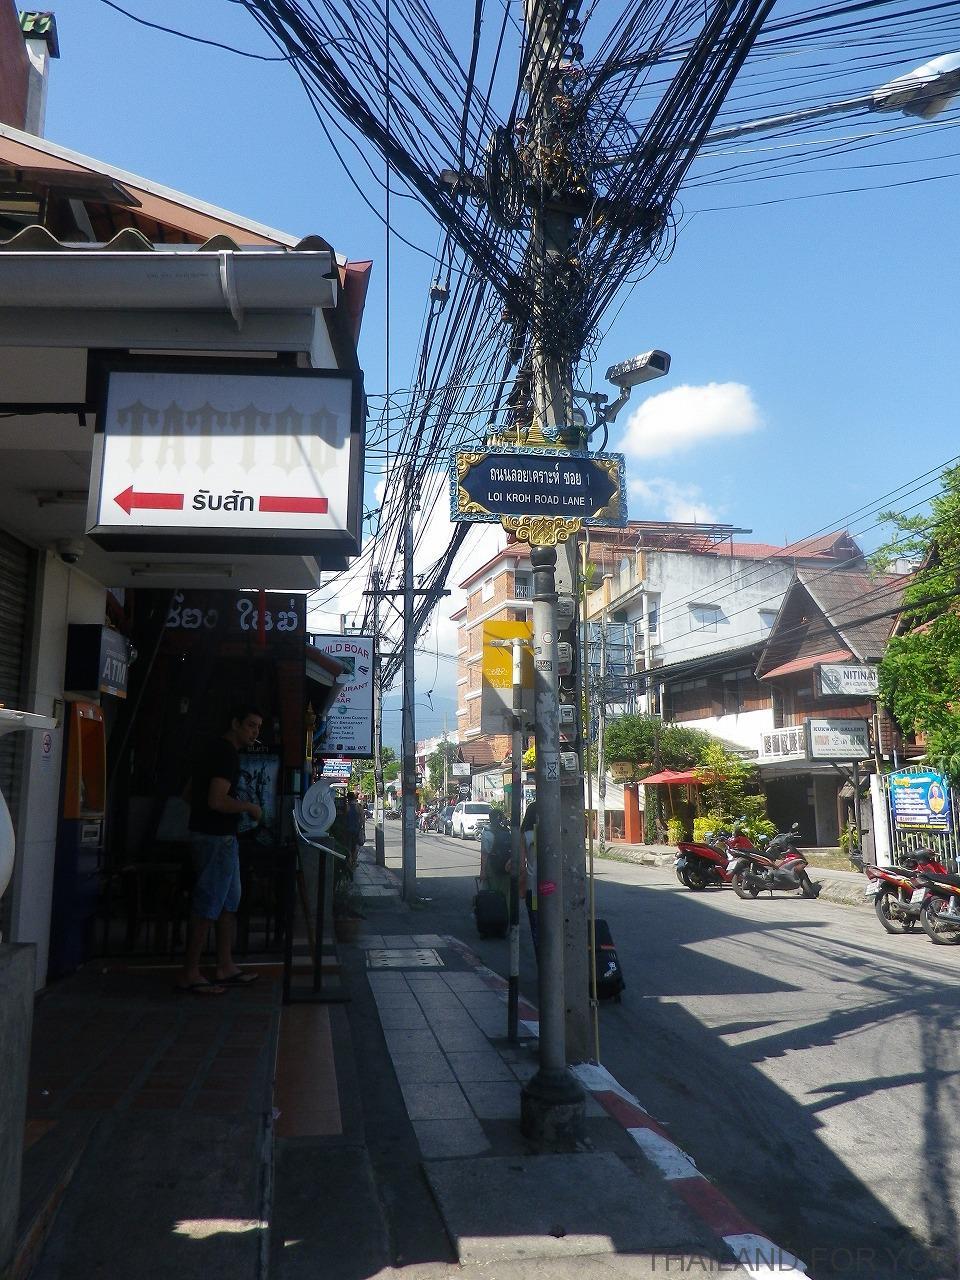 Loi Kroh Road Loi Kroh Road Lane 1